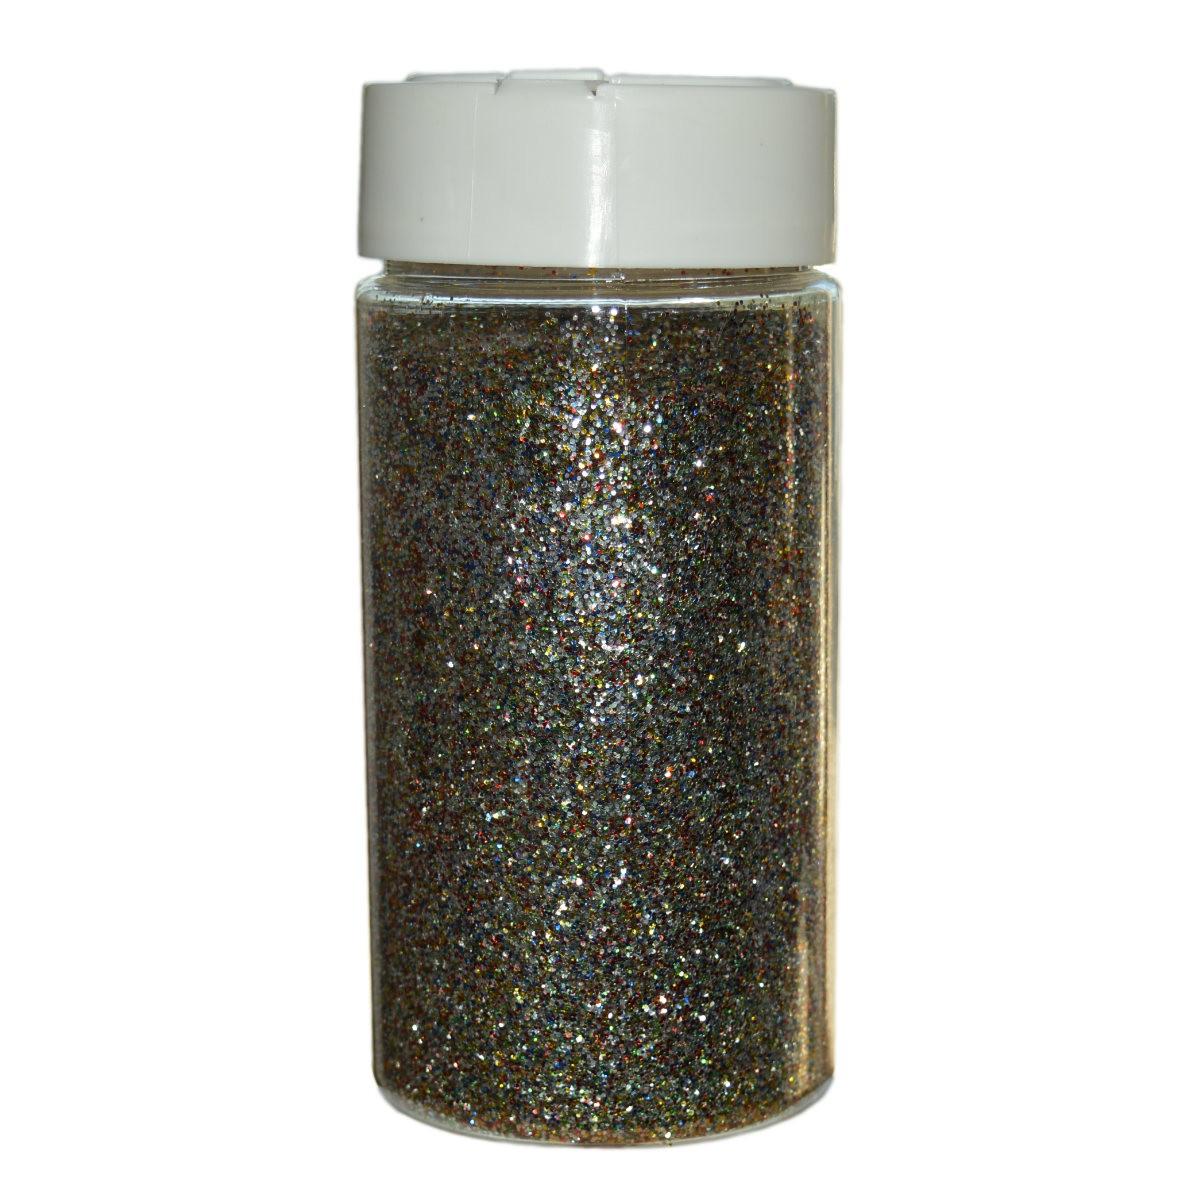 Glitter Multicolor Großpackung - 250g Streudose - Deko Glitzer/Glimmer zum Basteln